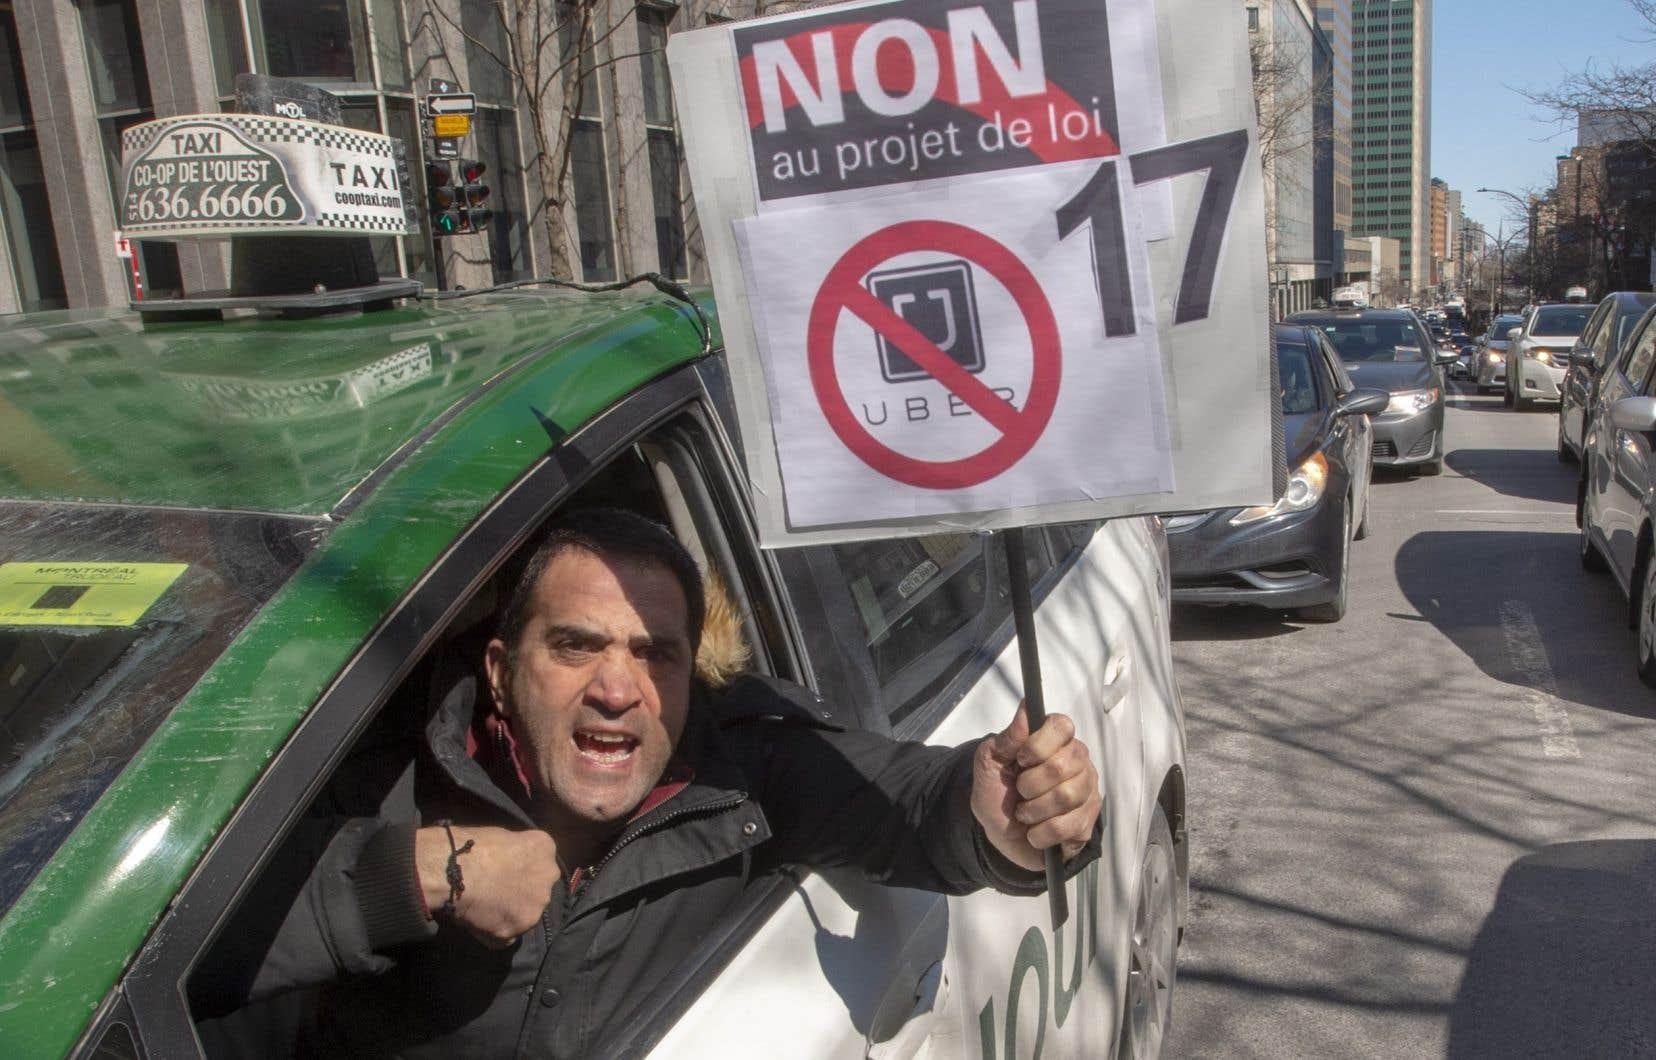 <p>L'industrie du taxi a annoncéla suspension de tout moyen de pression des chauffeurs, jusqu'à nouvel ordre.</p>